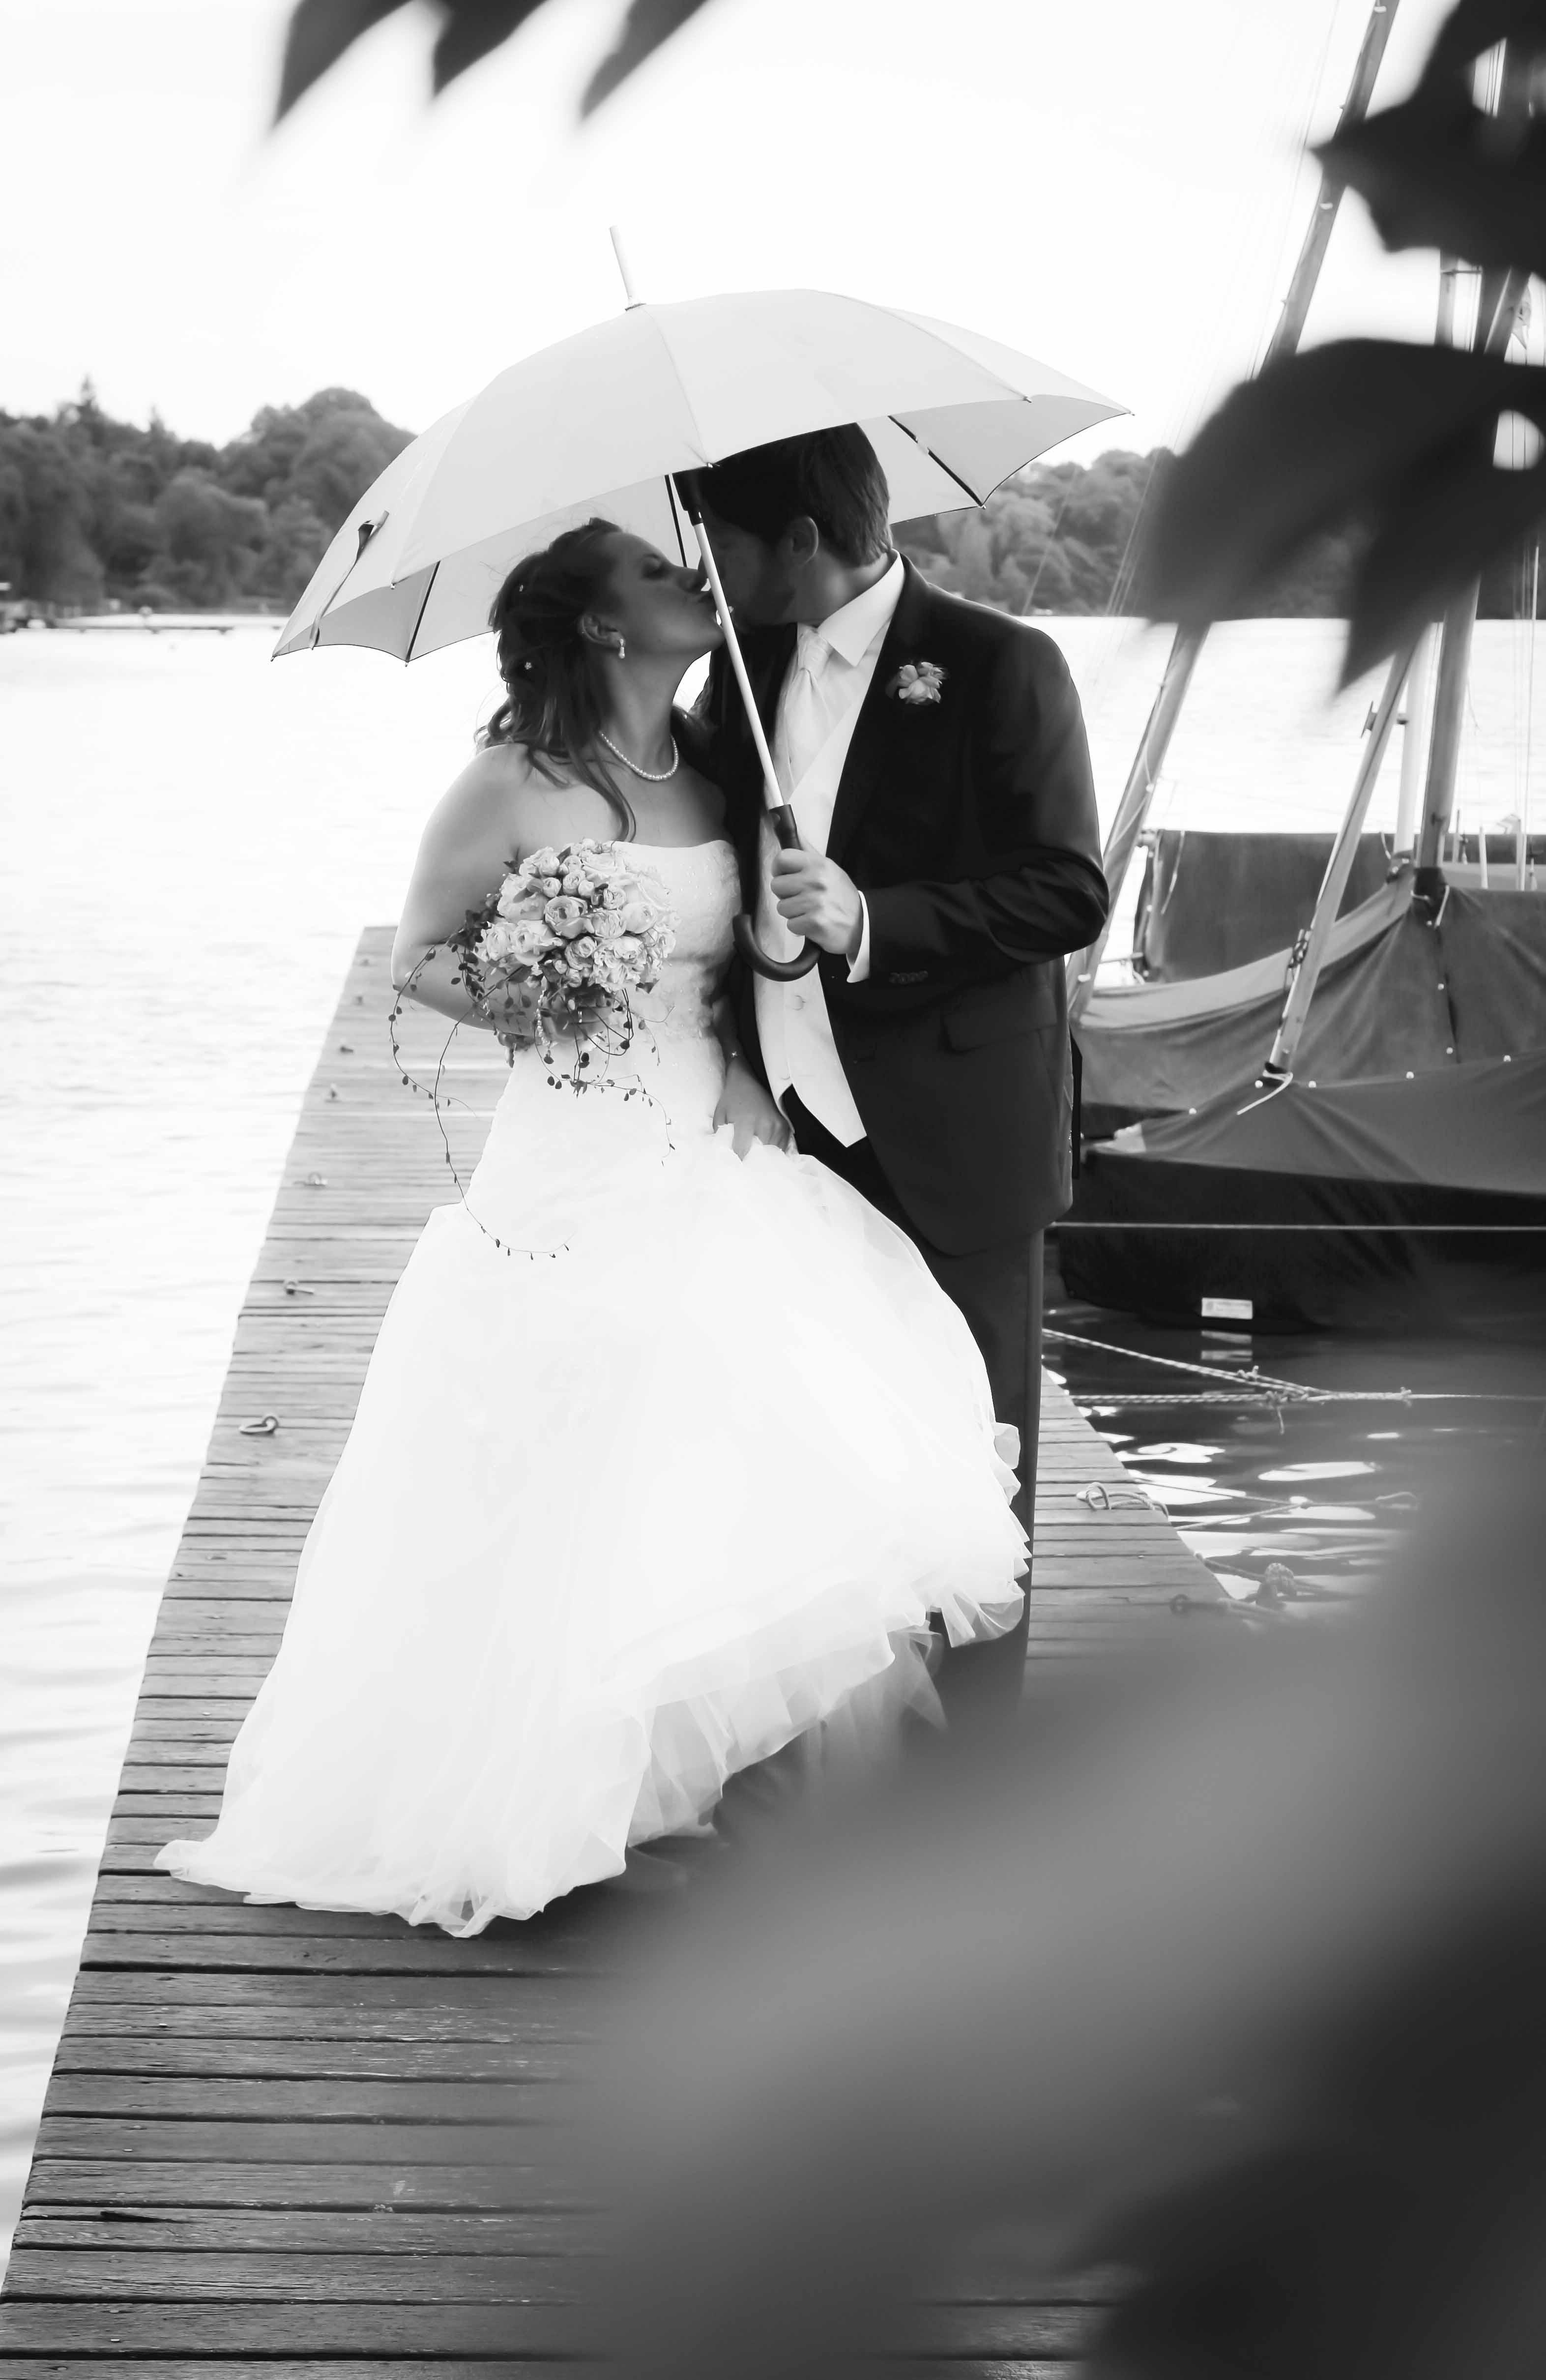 Ehepaar küssend unterm Regenschirm